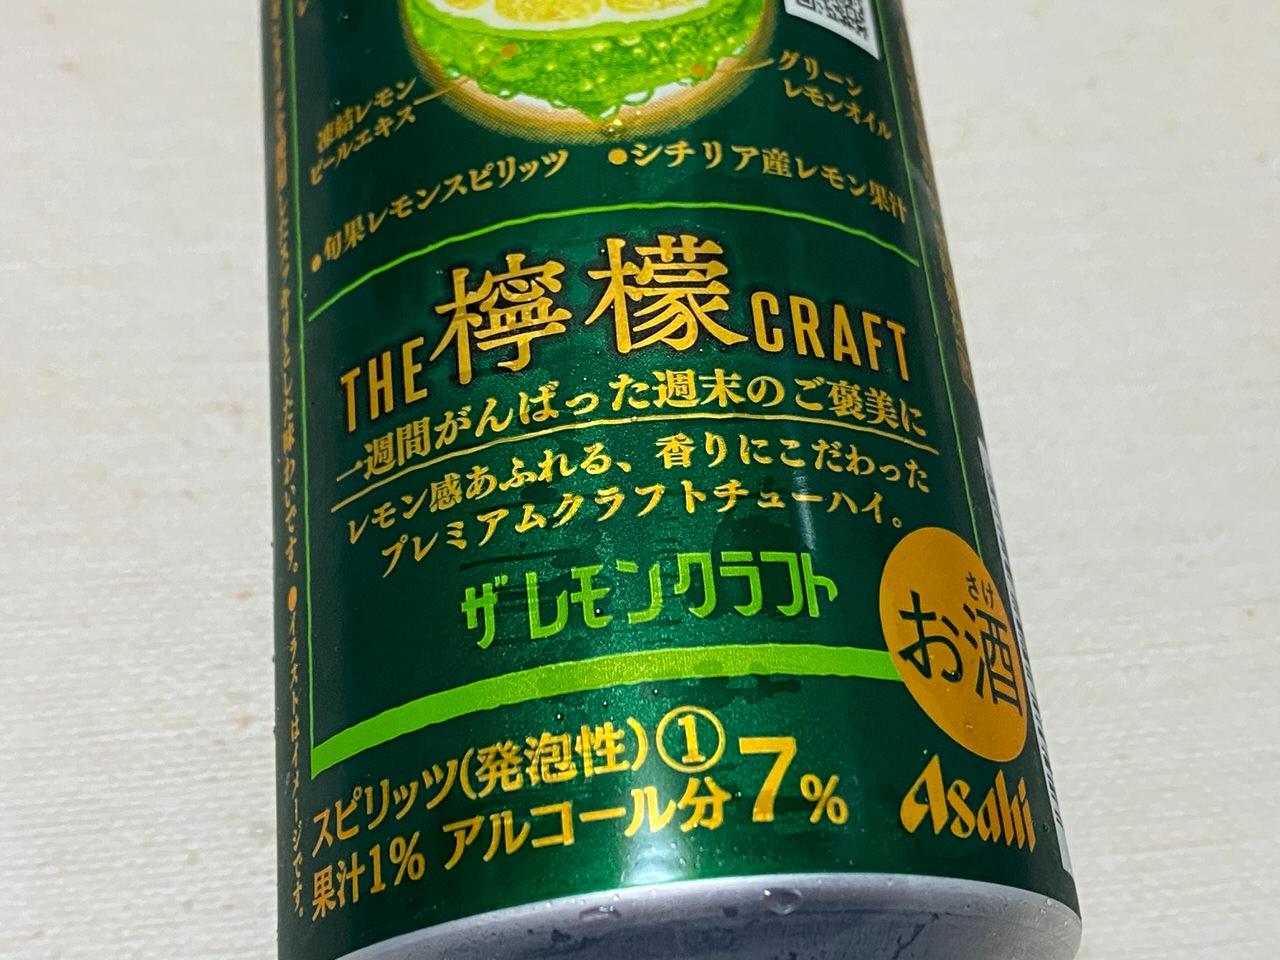 ザ・レモンクラフト グリーンレモン 2020125